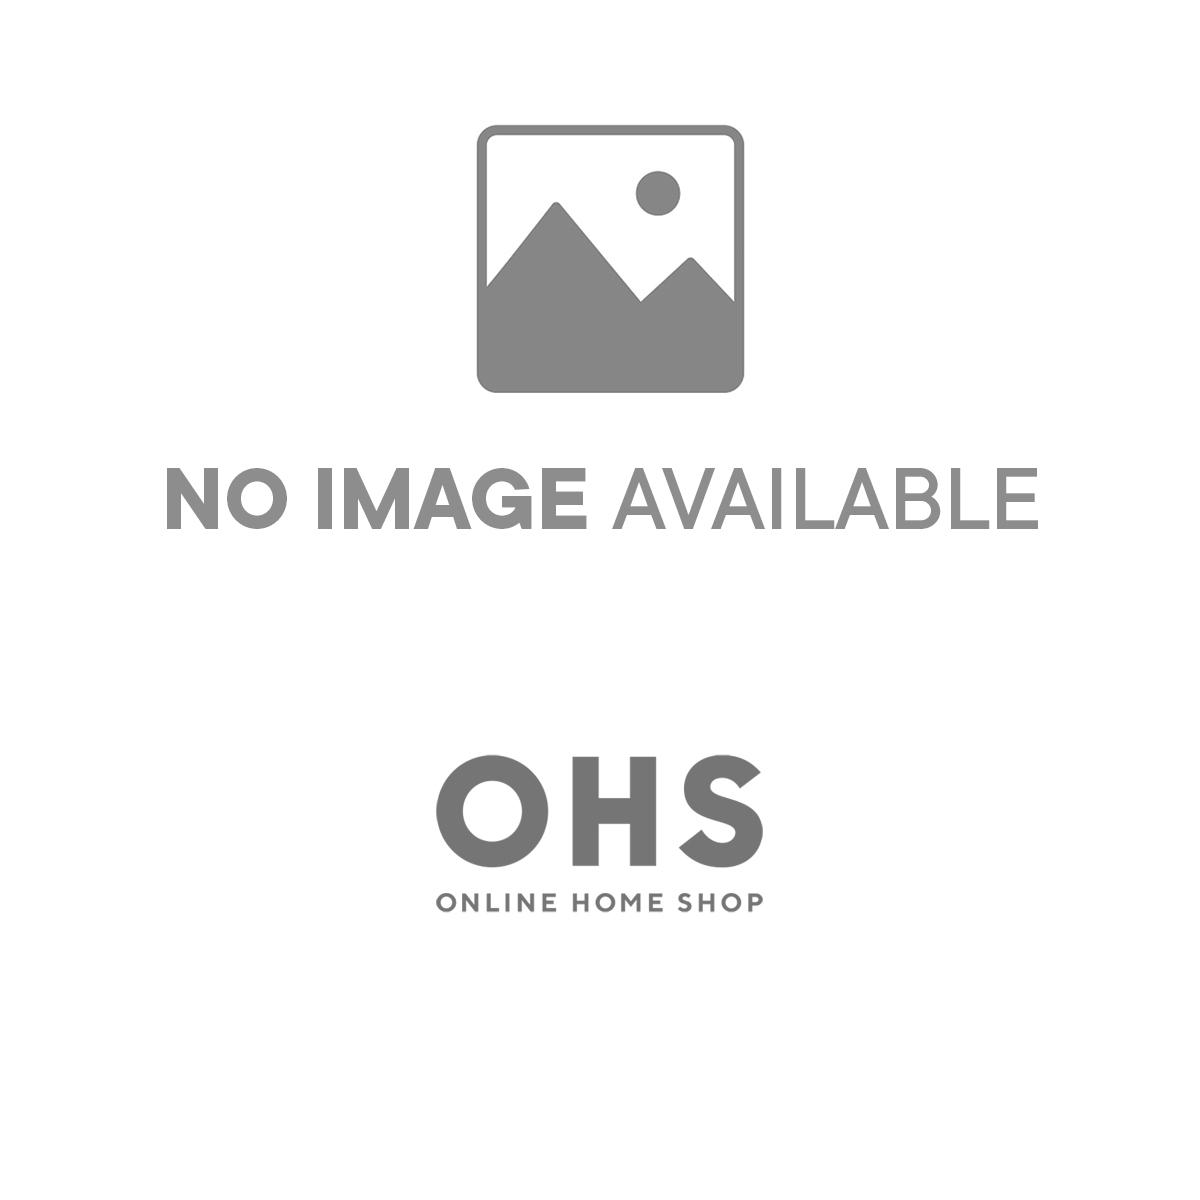 Large Chunky Knit Pom Pom Throw, Mustard Yellow Ochre - 150 x 180cm